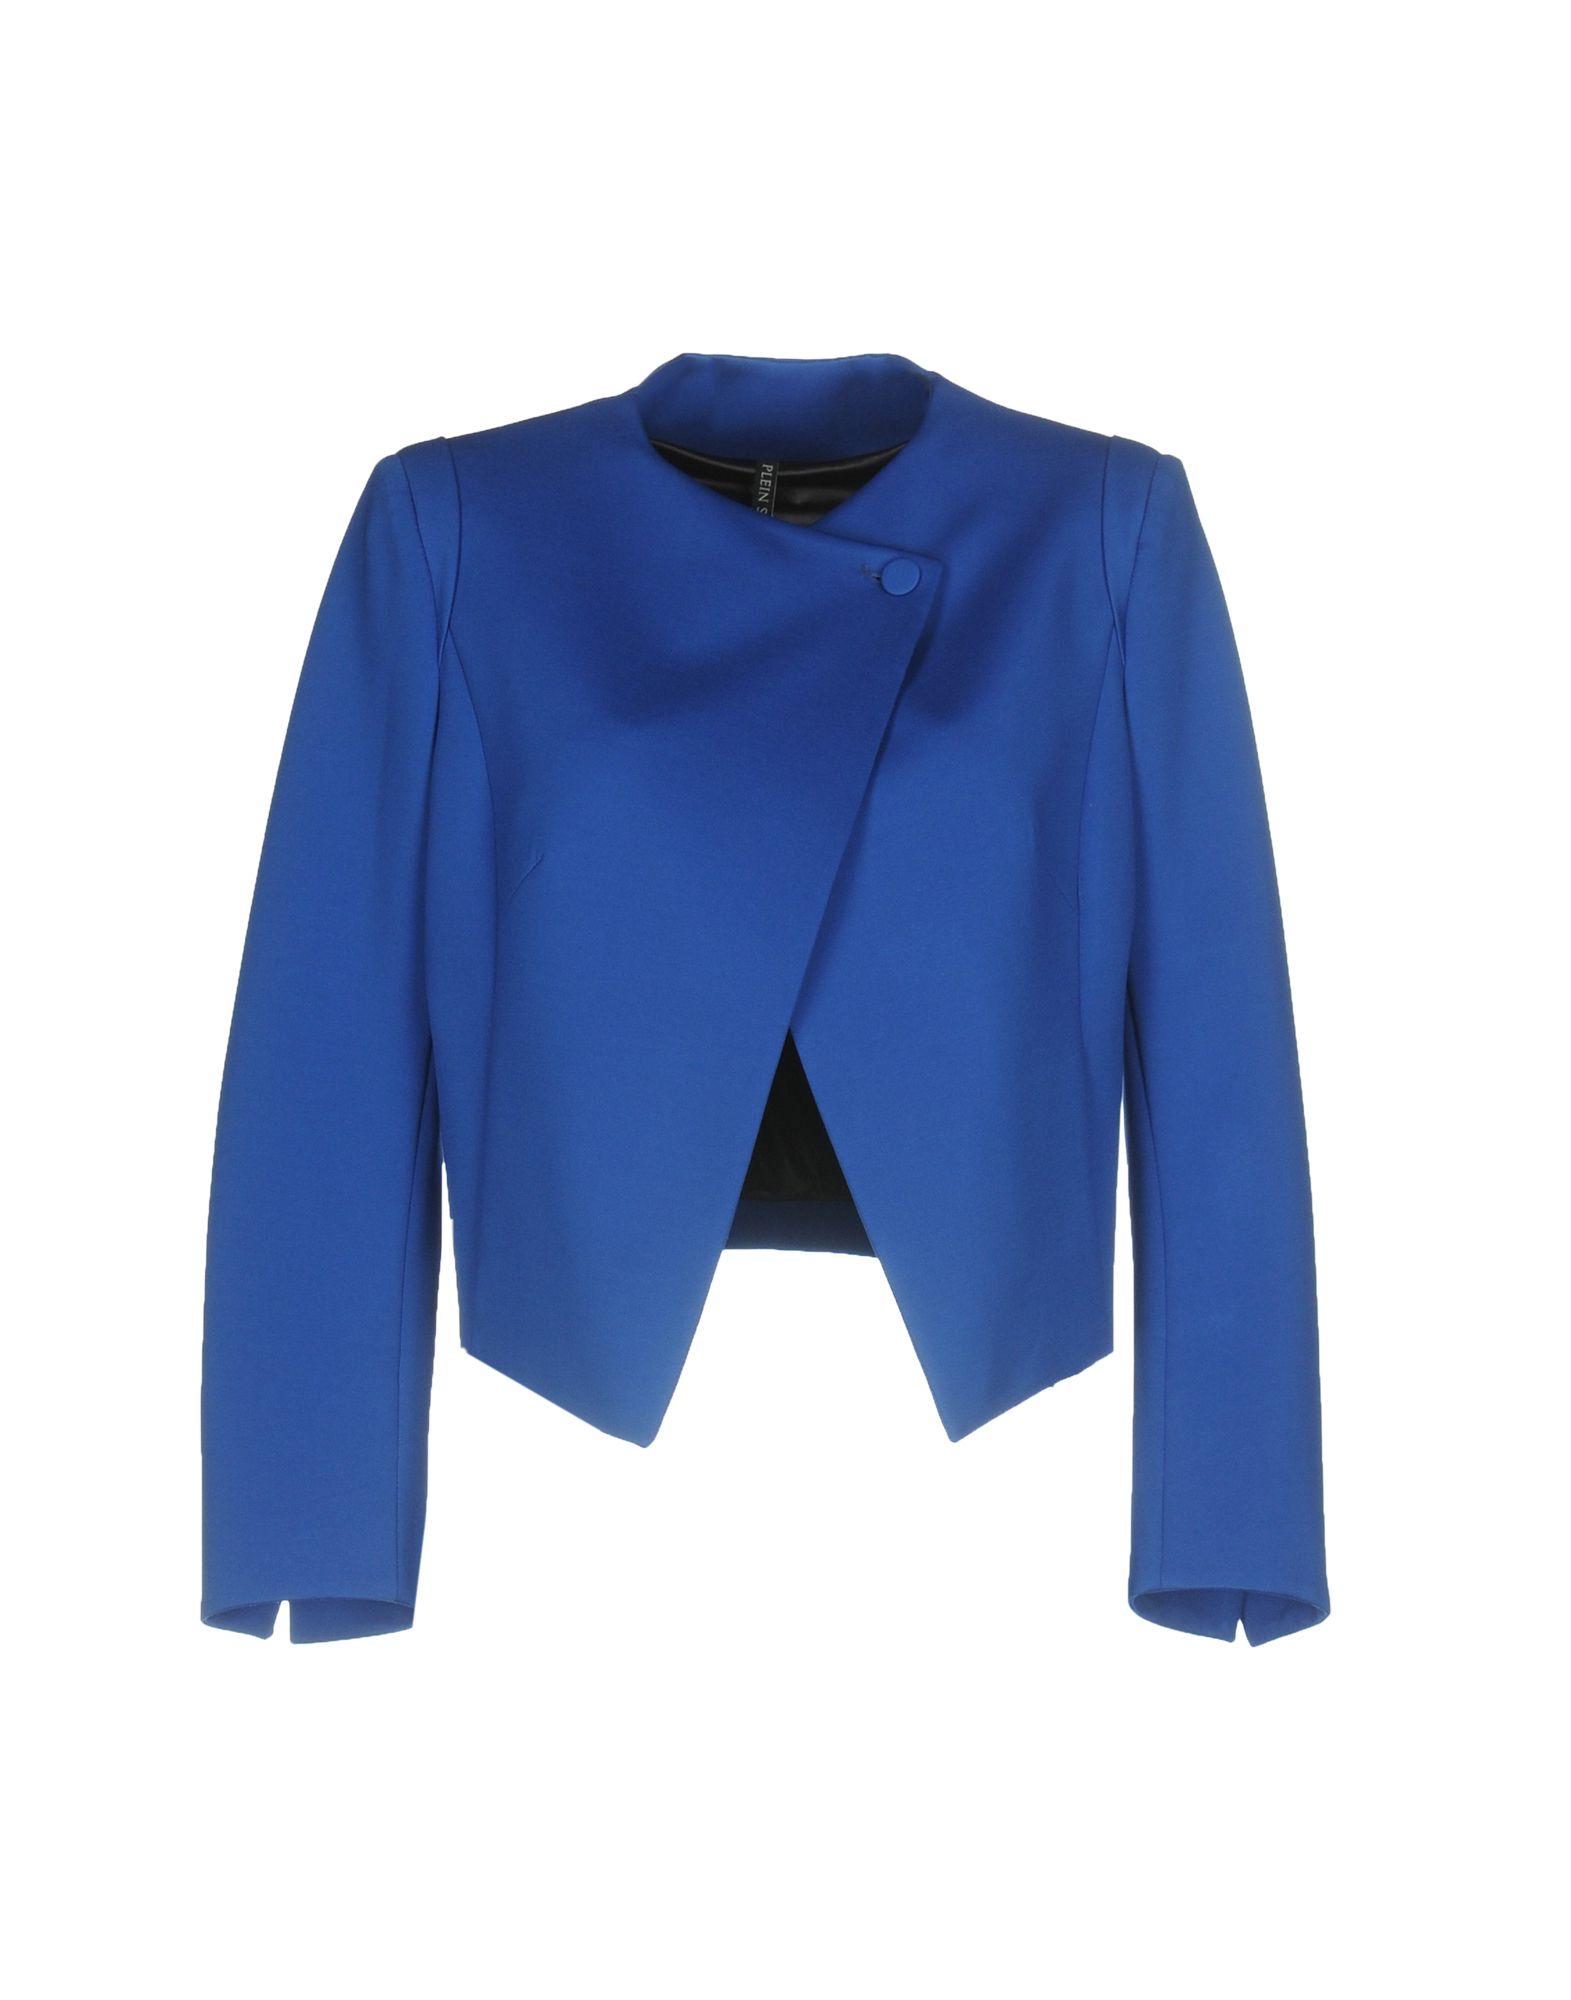 PLEIN SUD JEANIUS Blazer in Blue